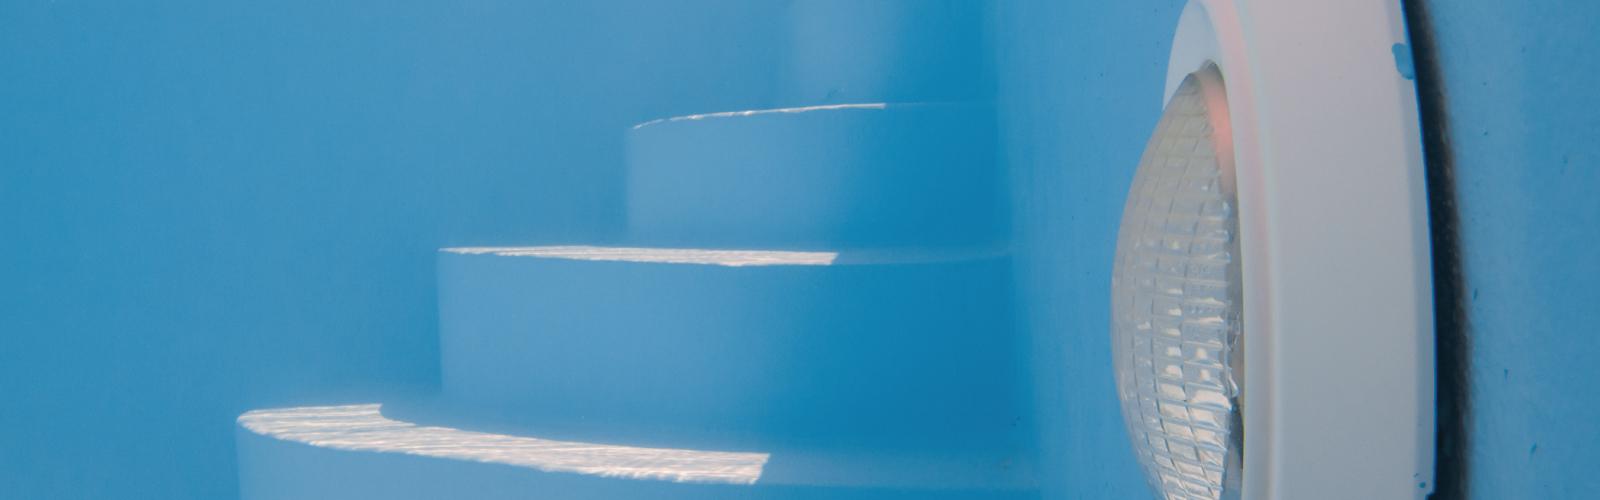 Foco piscina rgb 24w 12 24v iluminaci n led hb for Foco piscina